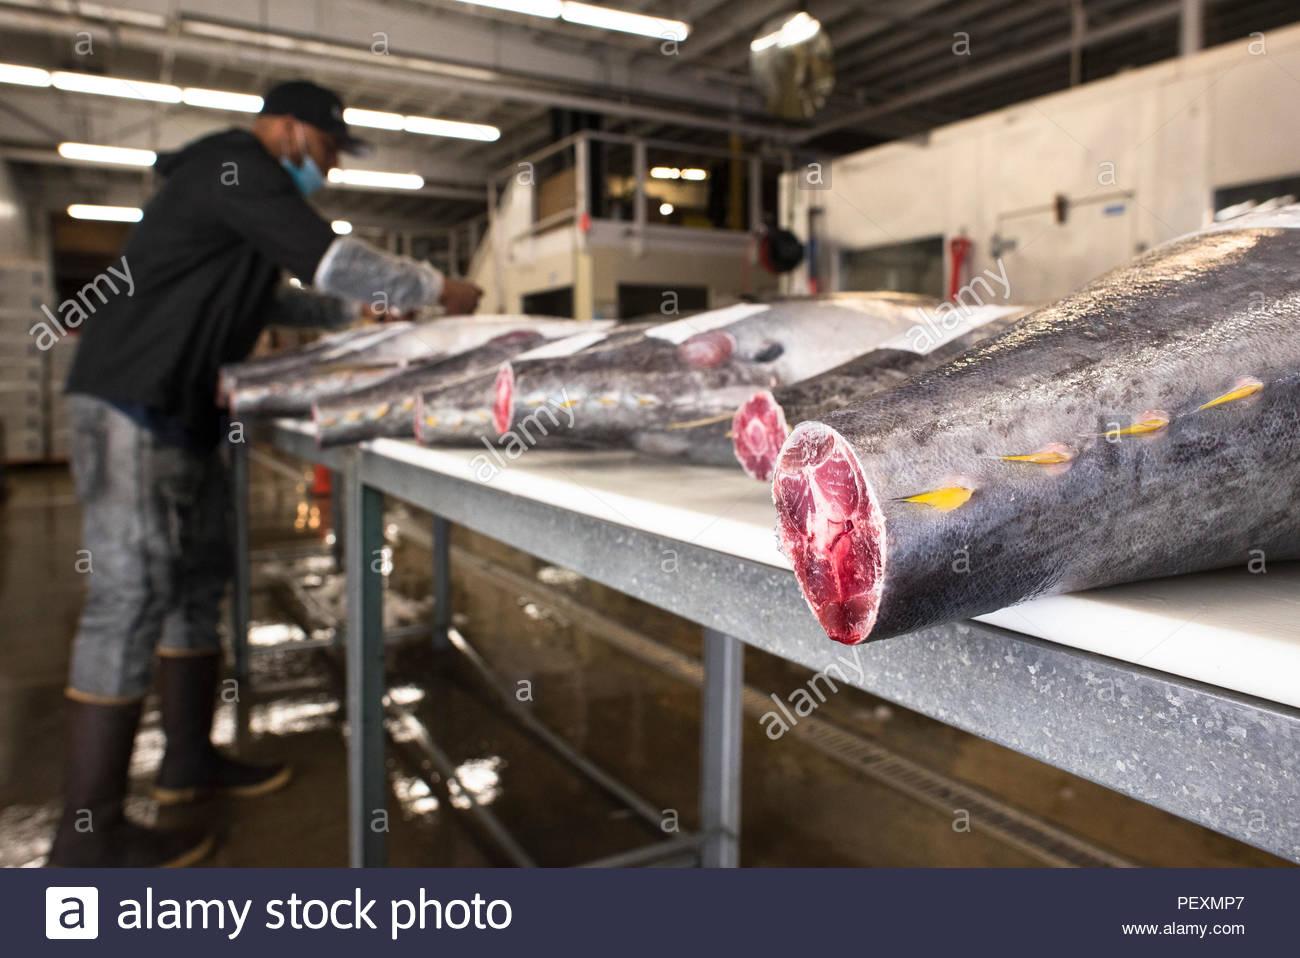 Classificazione di sushi al mercato del pesce, San Diego, California, Stati Uniti d'America Immagini Stock